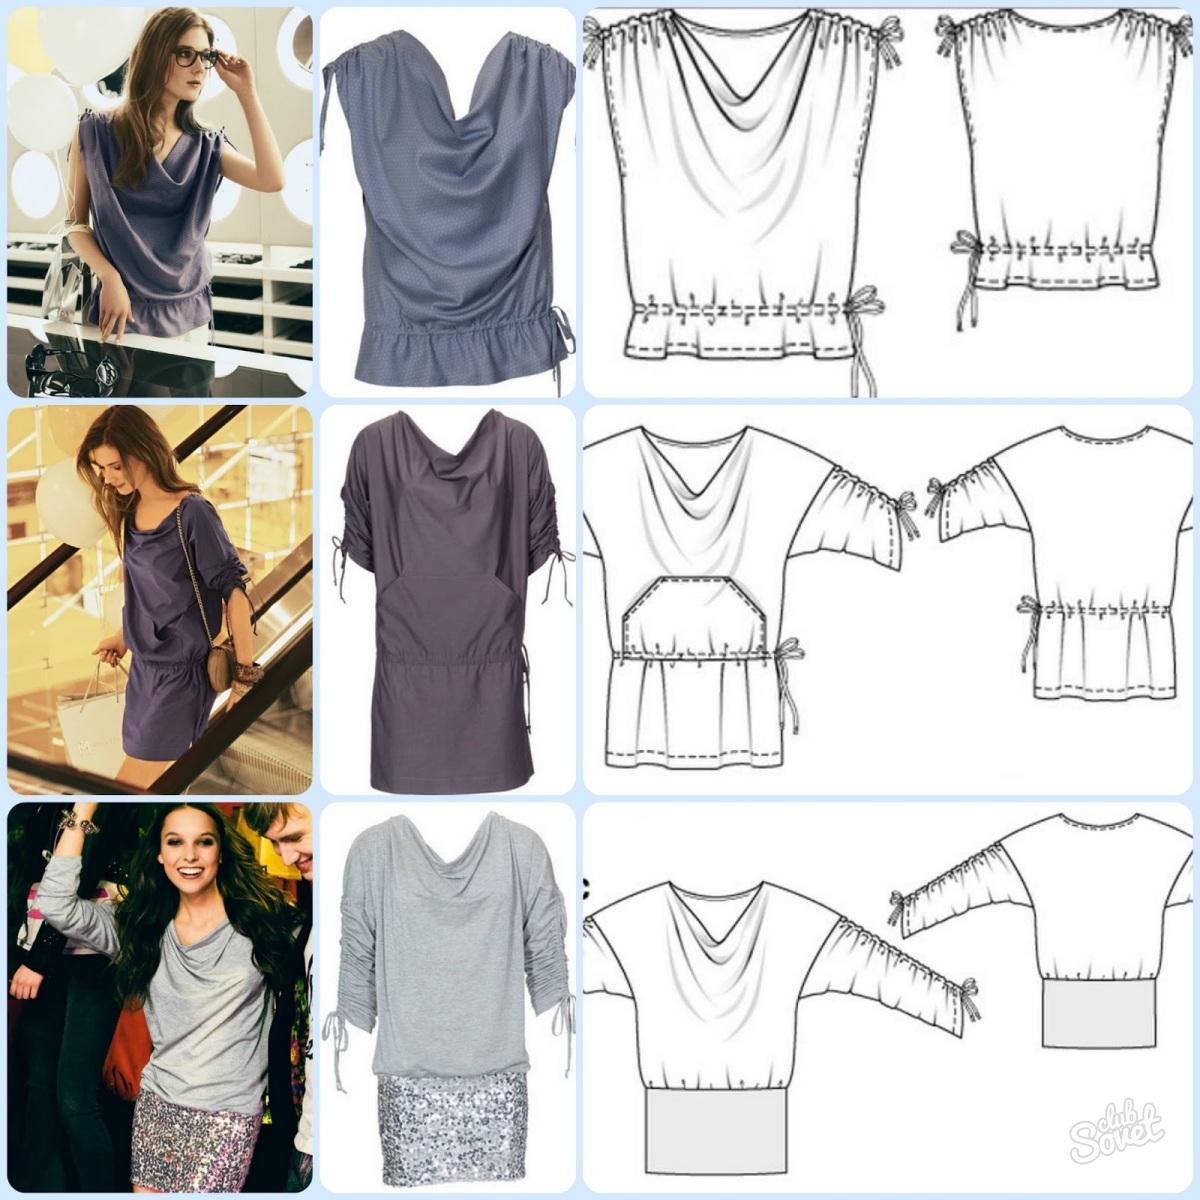 fc74466ba68 Как быстро сшить блузку без выкройки своими руками. Как ...